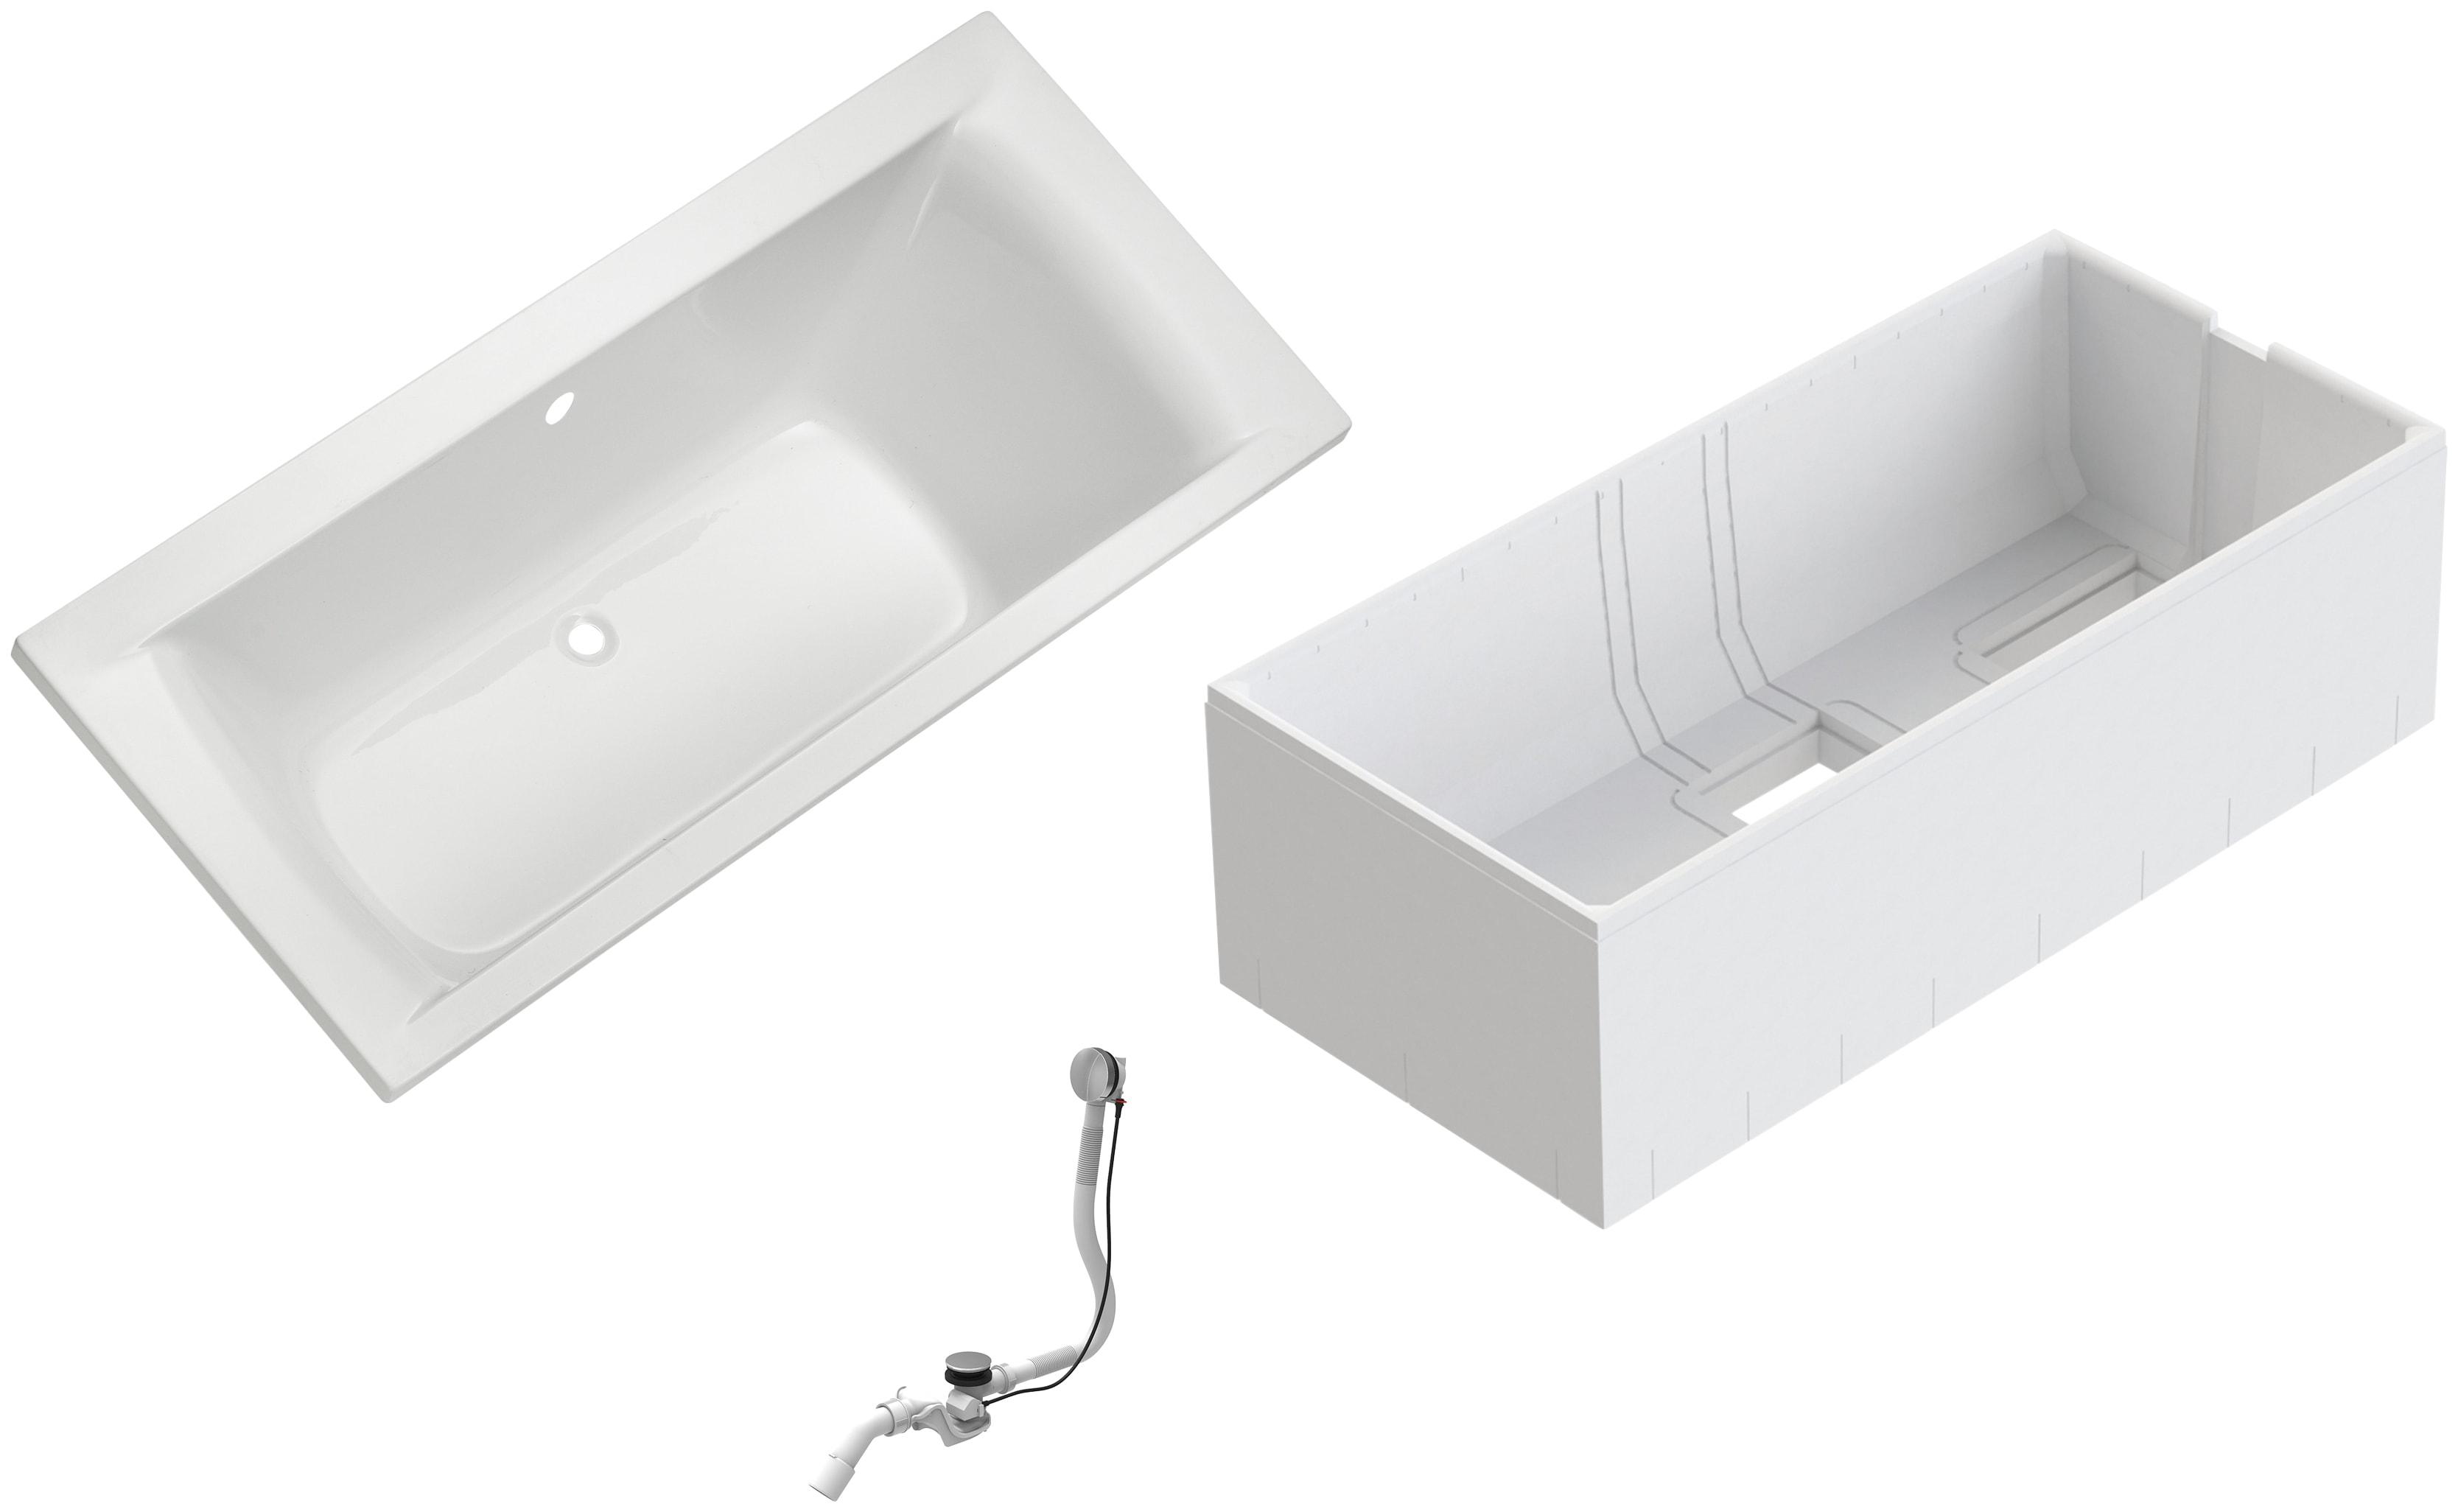 OTTOFOND Badewanne Set Duobadewanne, 1700/750 mm, Duobadewanne weiß Badewannen Whirlpools Bad Sanitär